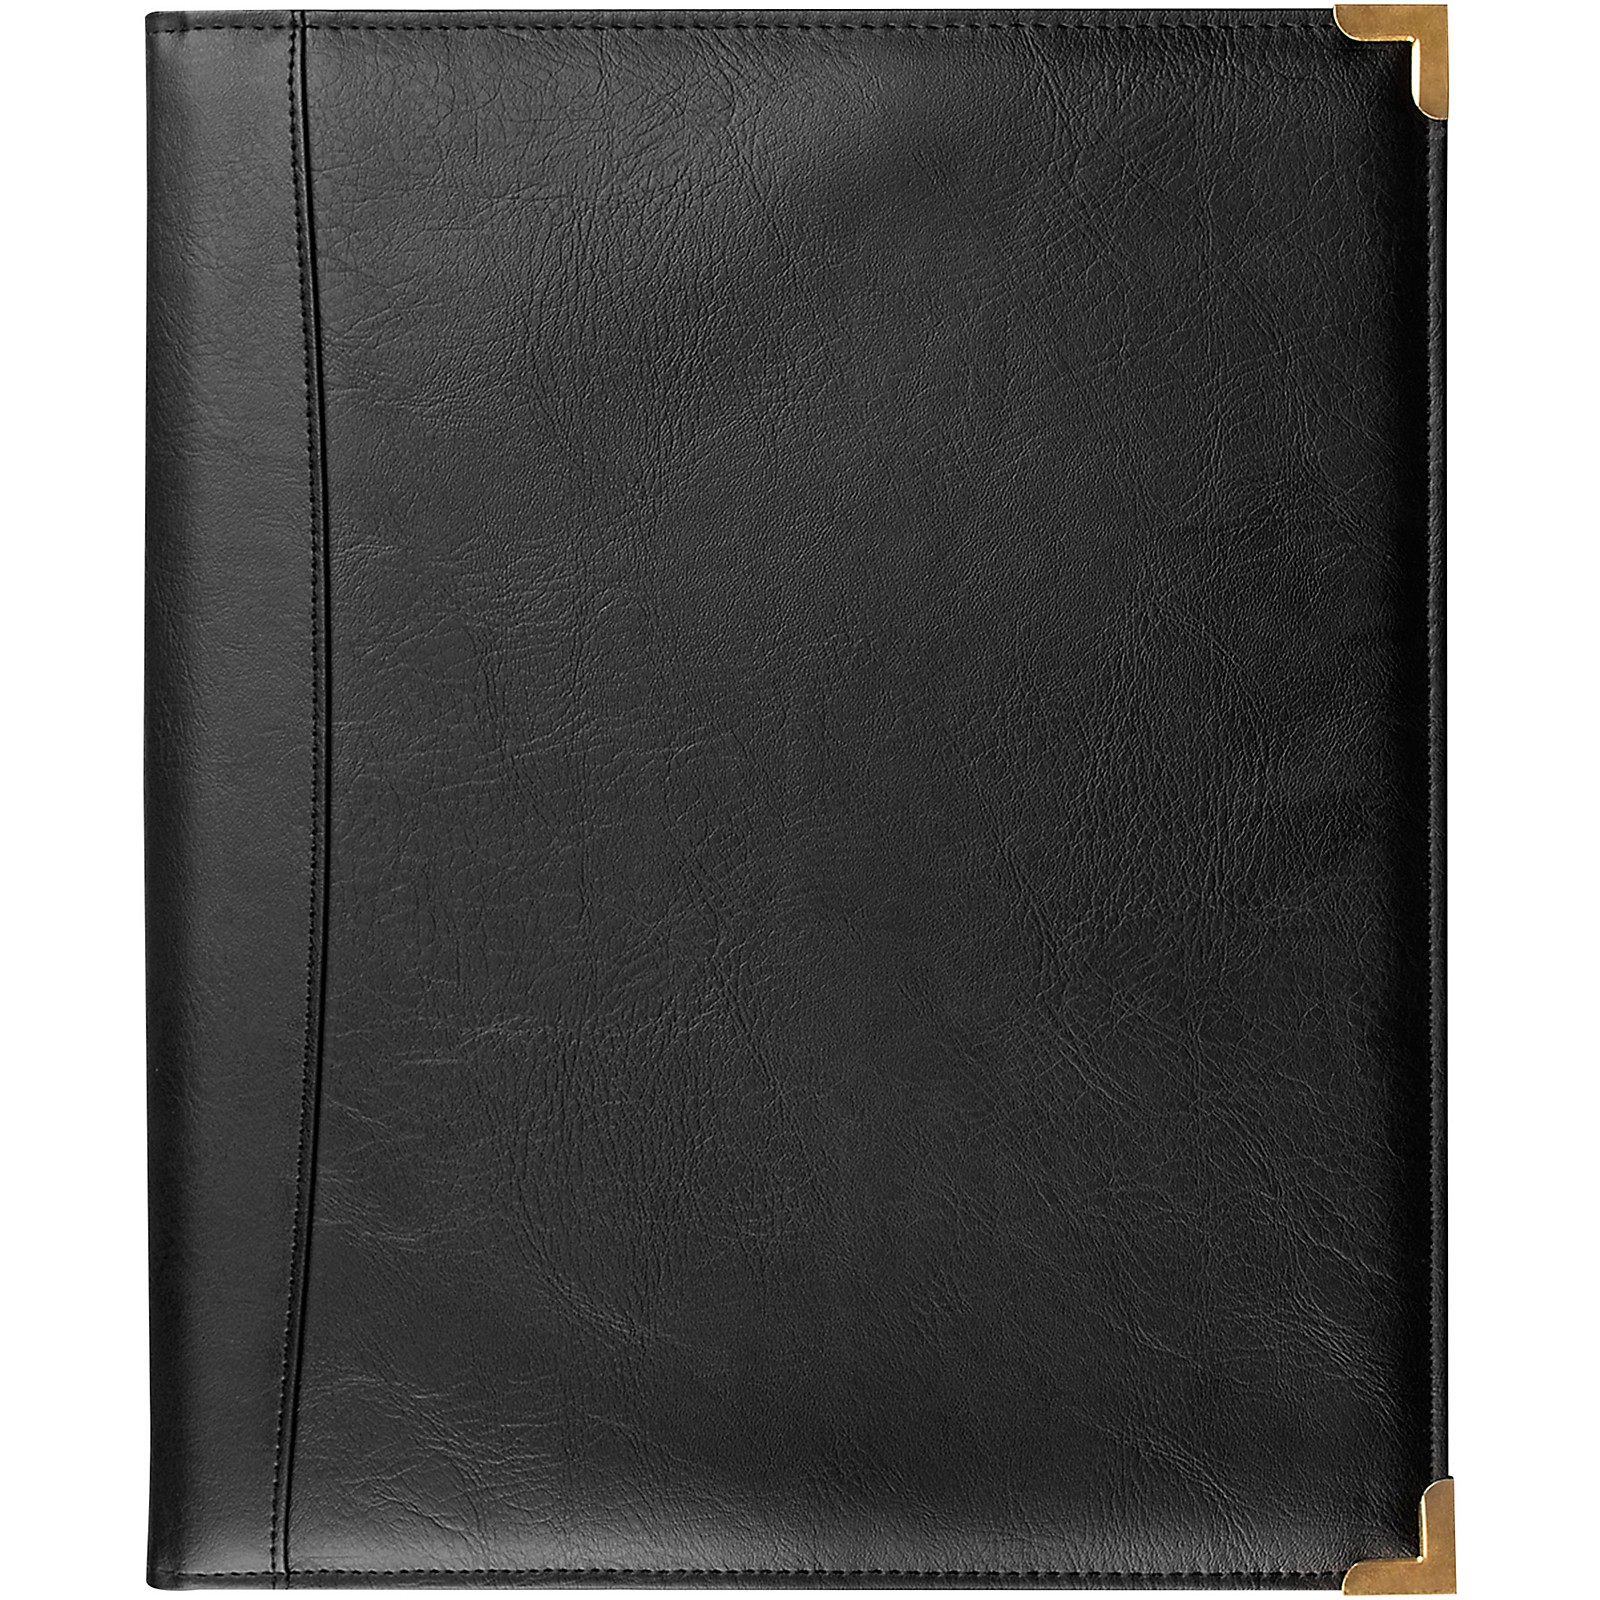 Protec Deluxe Padded Music Folder